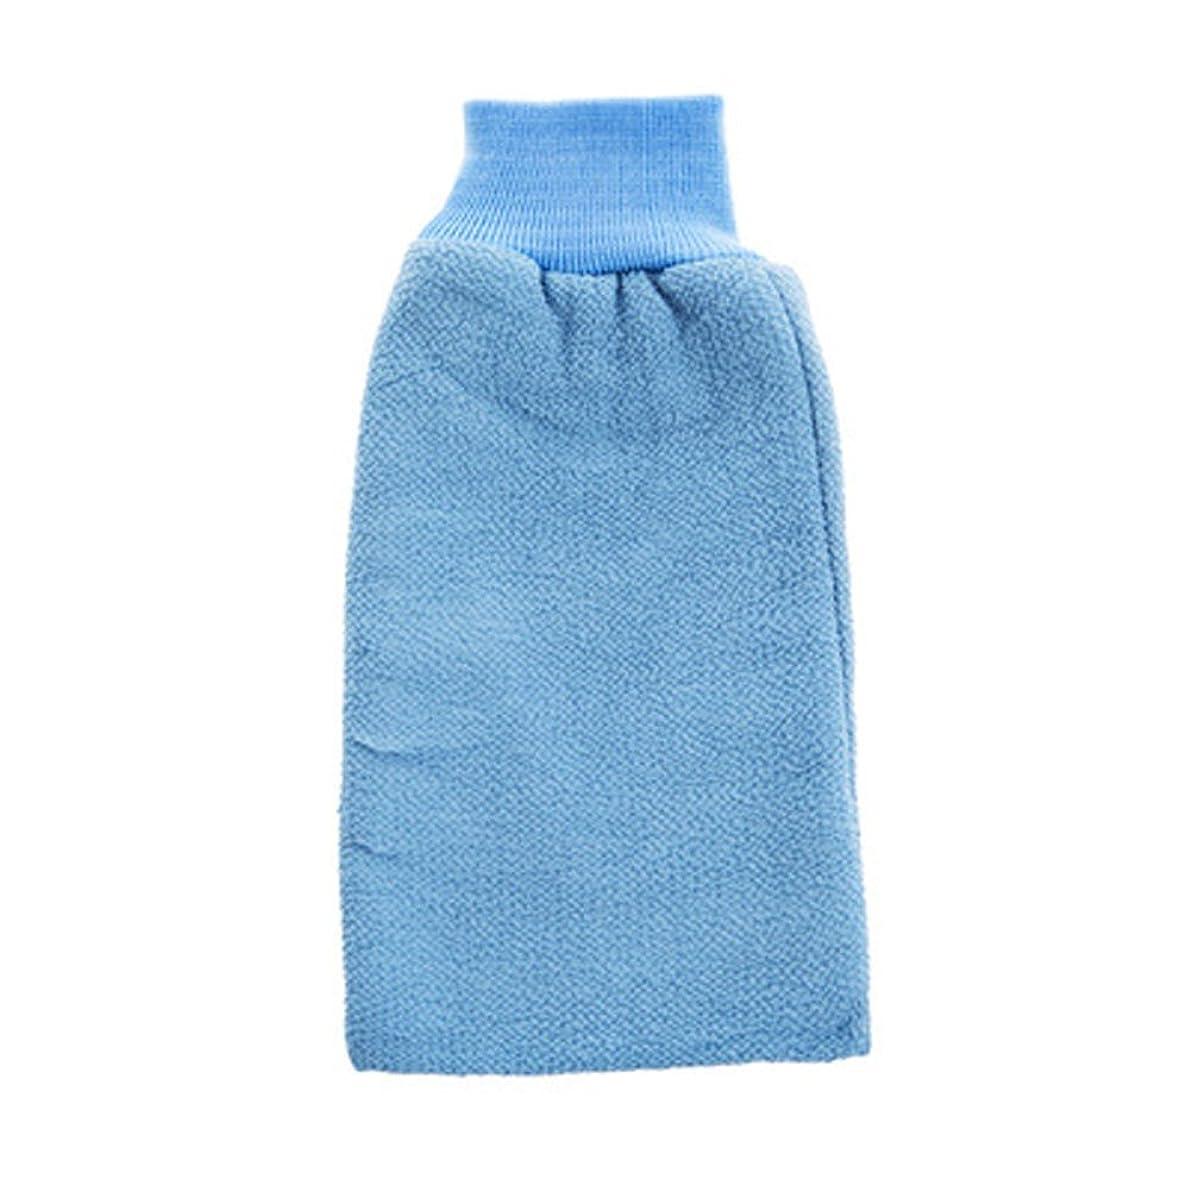 焦がす理由疎外するボディエクスフォリエイティングミットバスブラシシャワーグローブバス手袋 - ブルー